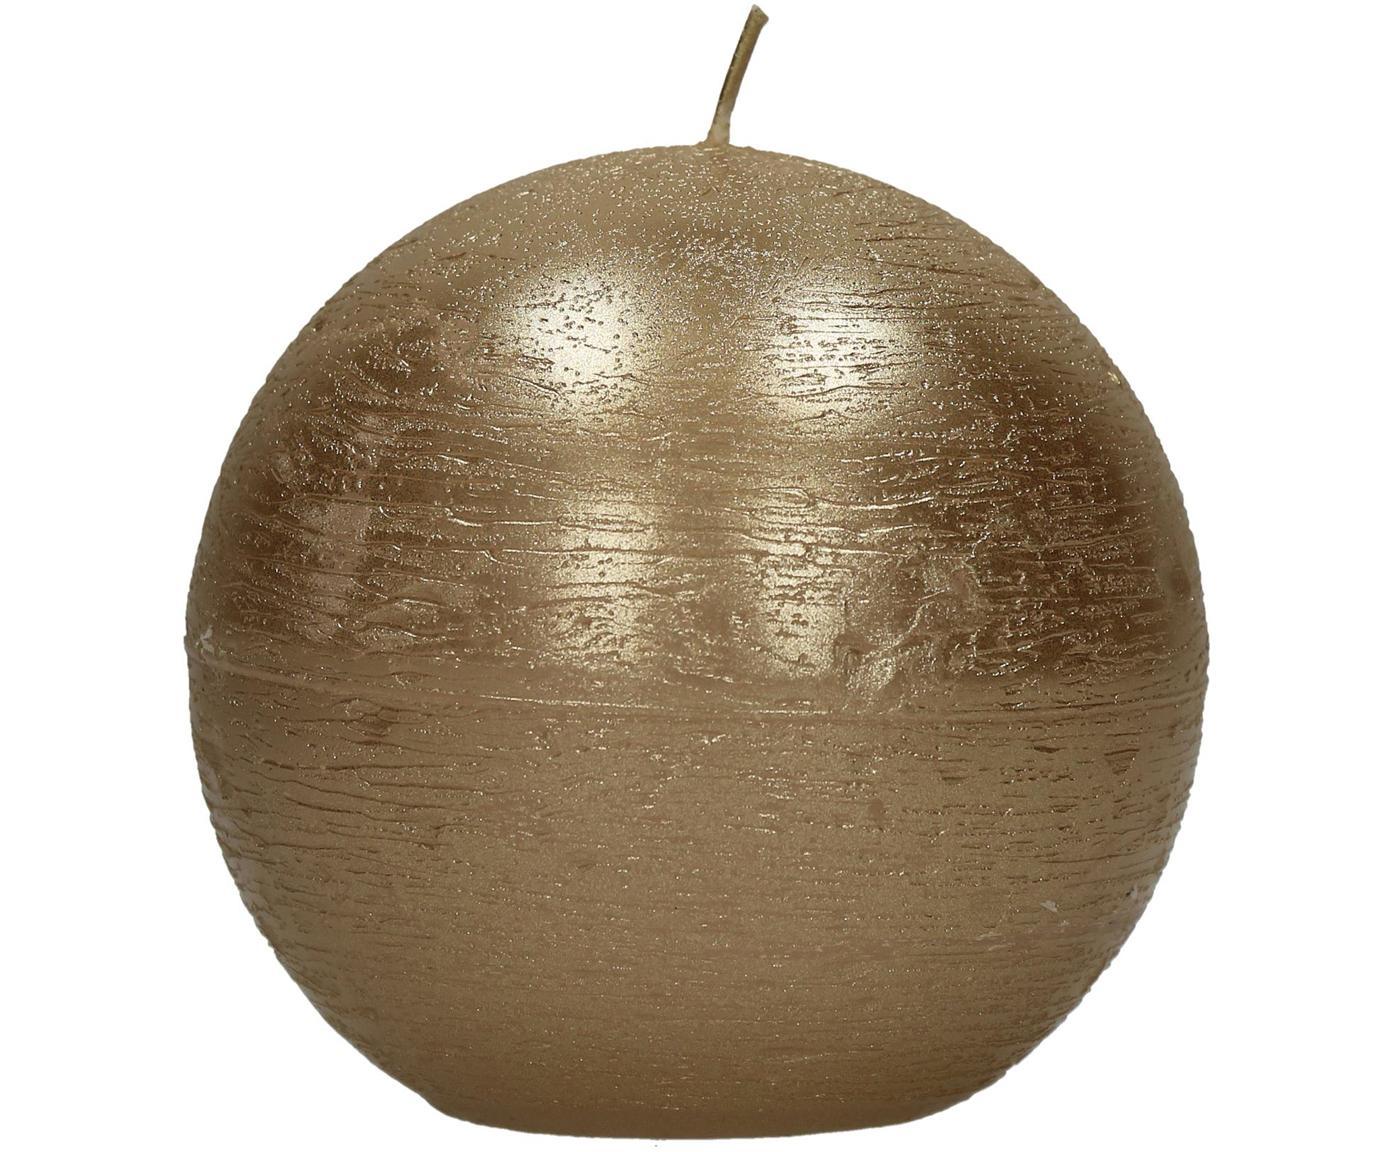 Kaars Ergene, 80% paraffinewas, 20% palmwas, Champagnekleurig, Ø 9 x H 9 cm